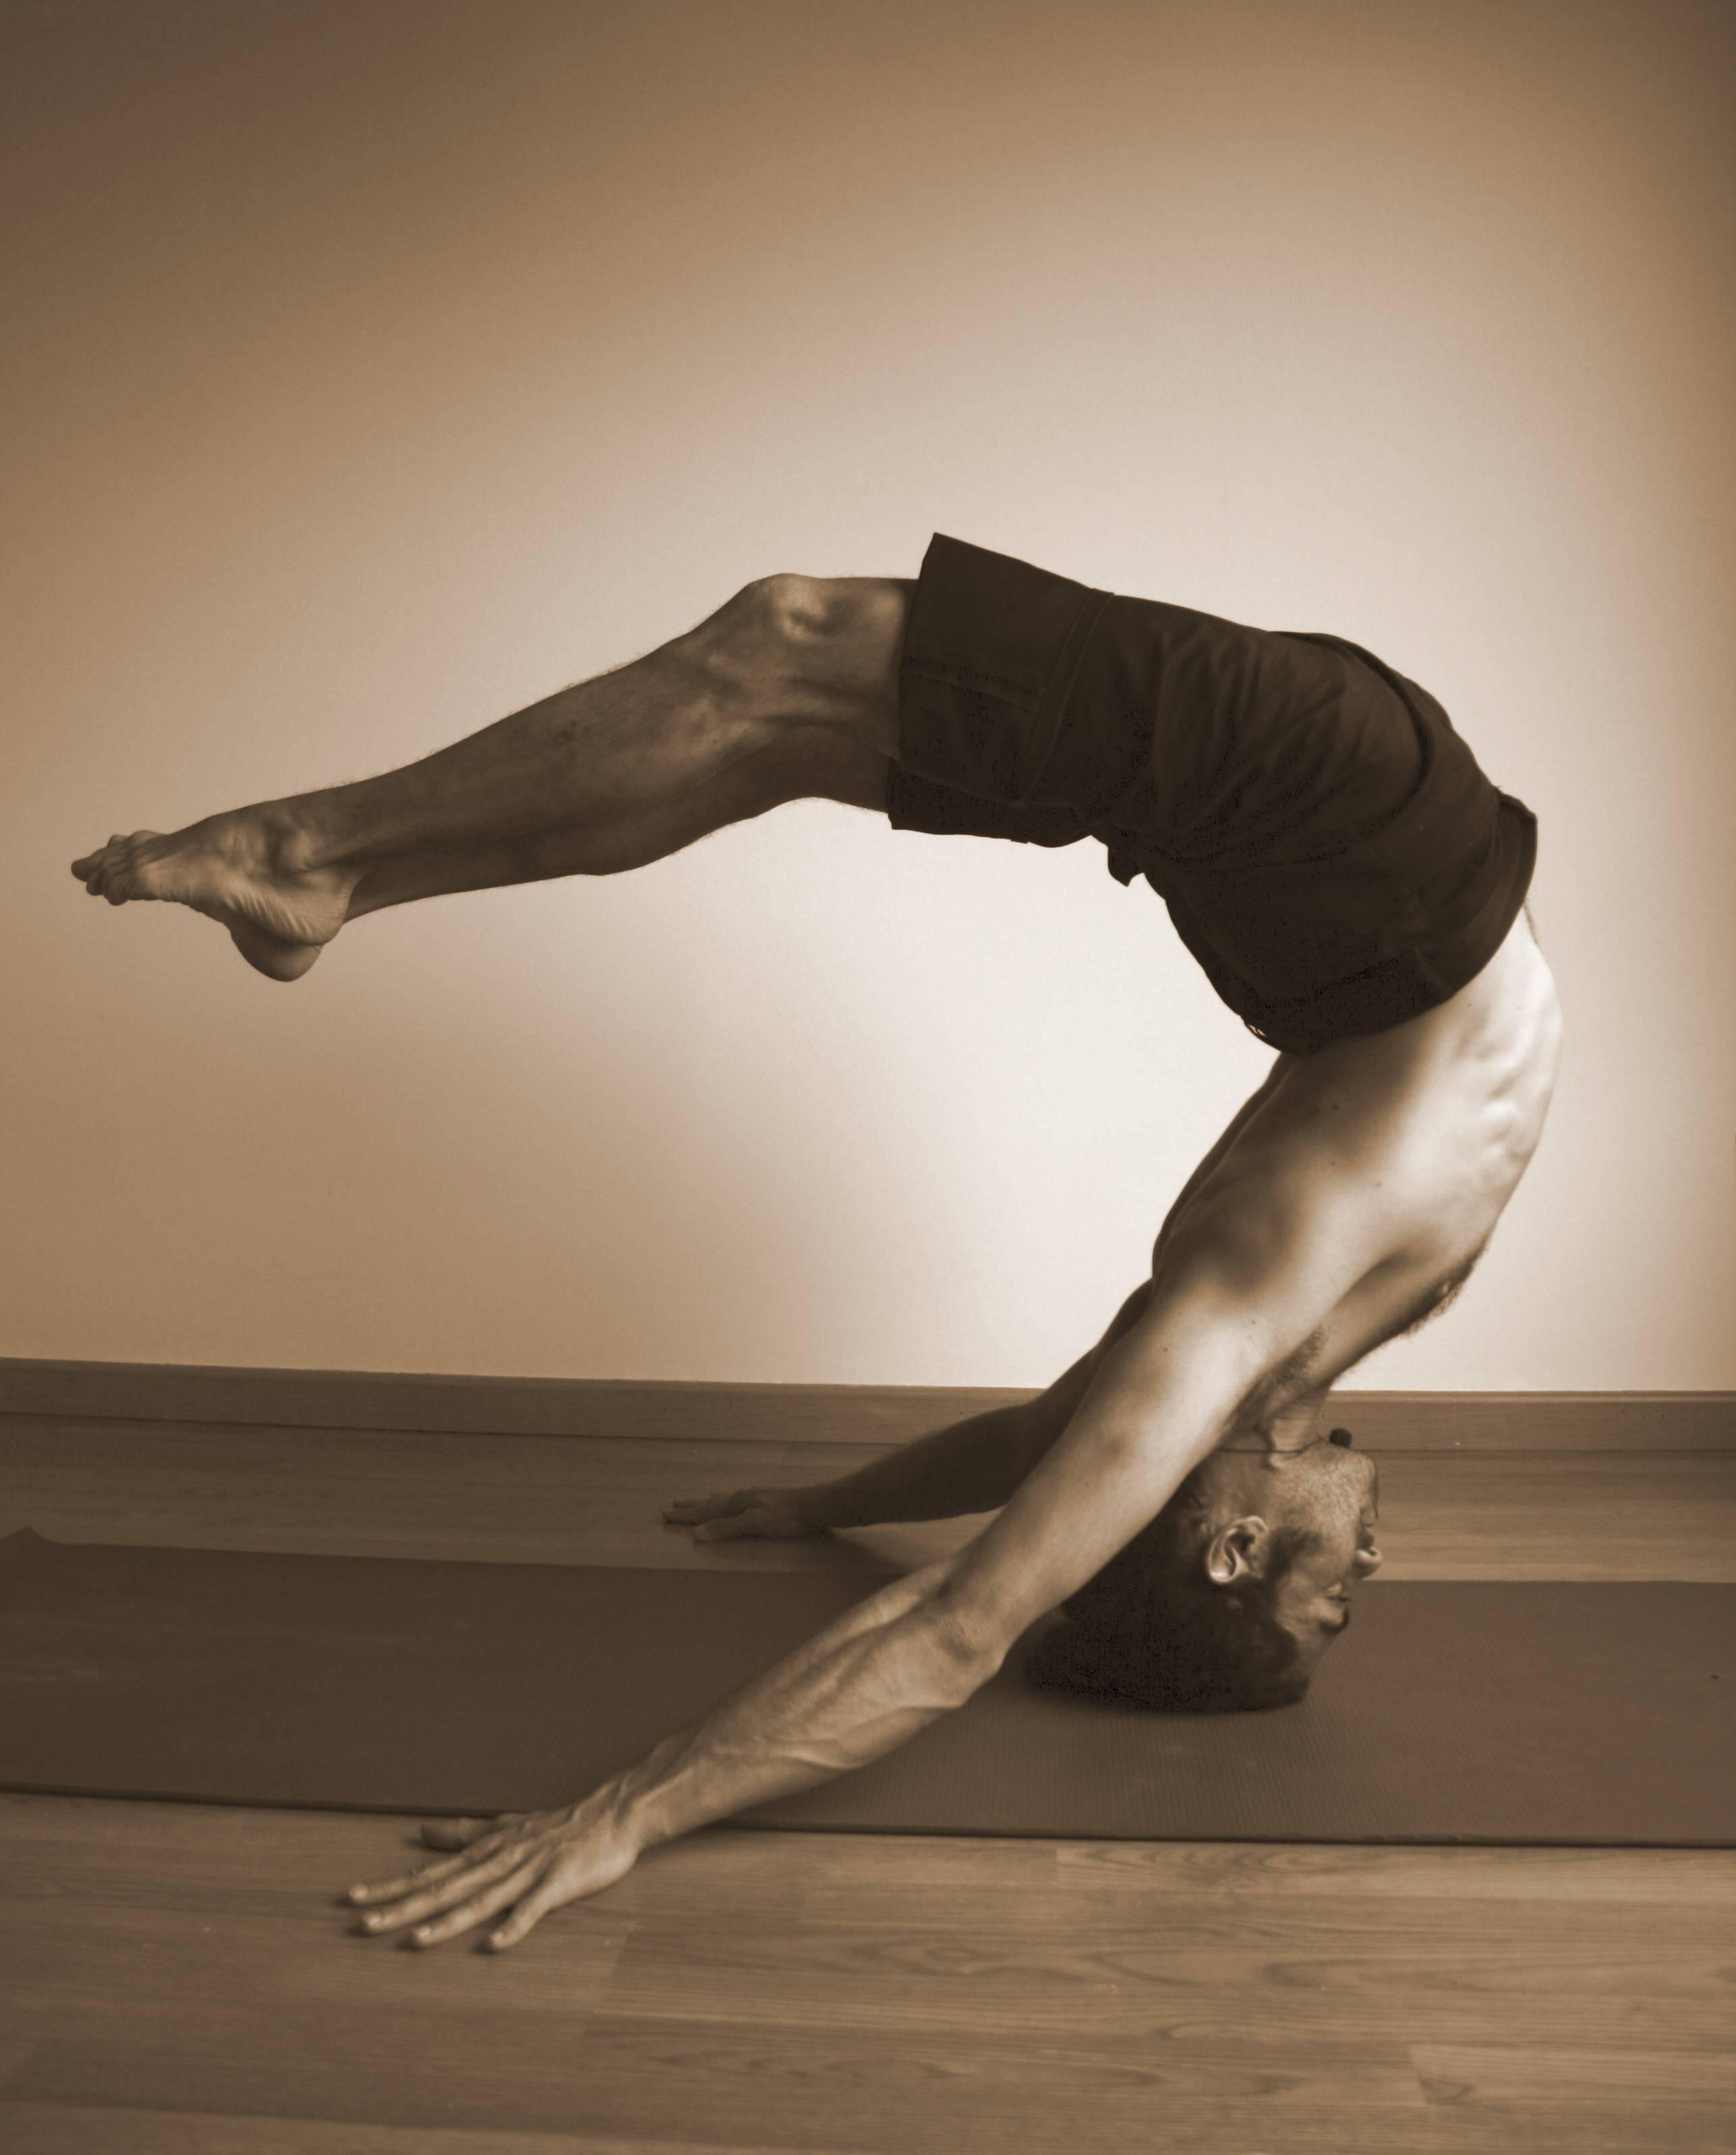 Йога для мужчин: особые комплексные упражнения